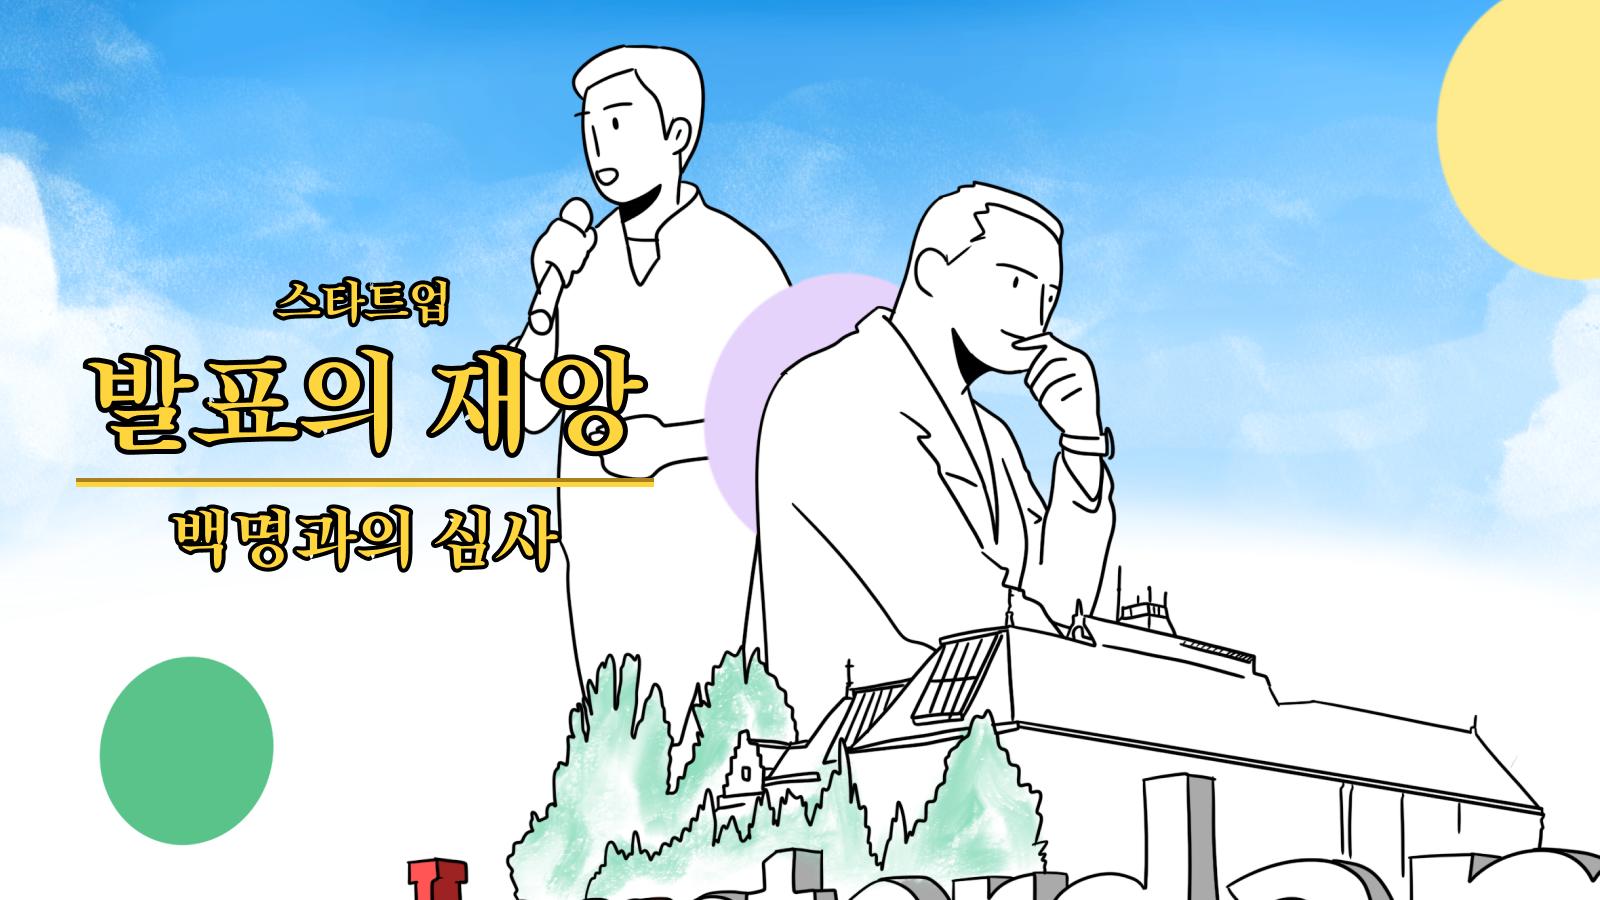 #5_블로그 스타트업 발표 심사_SBC셀렉션데이_cover